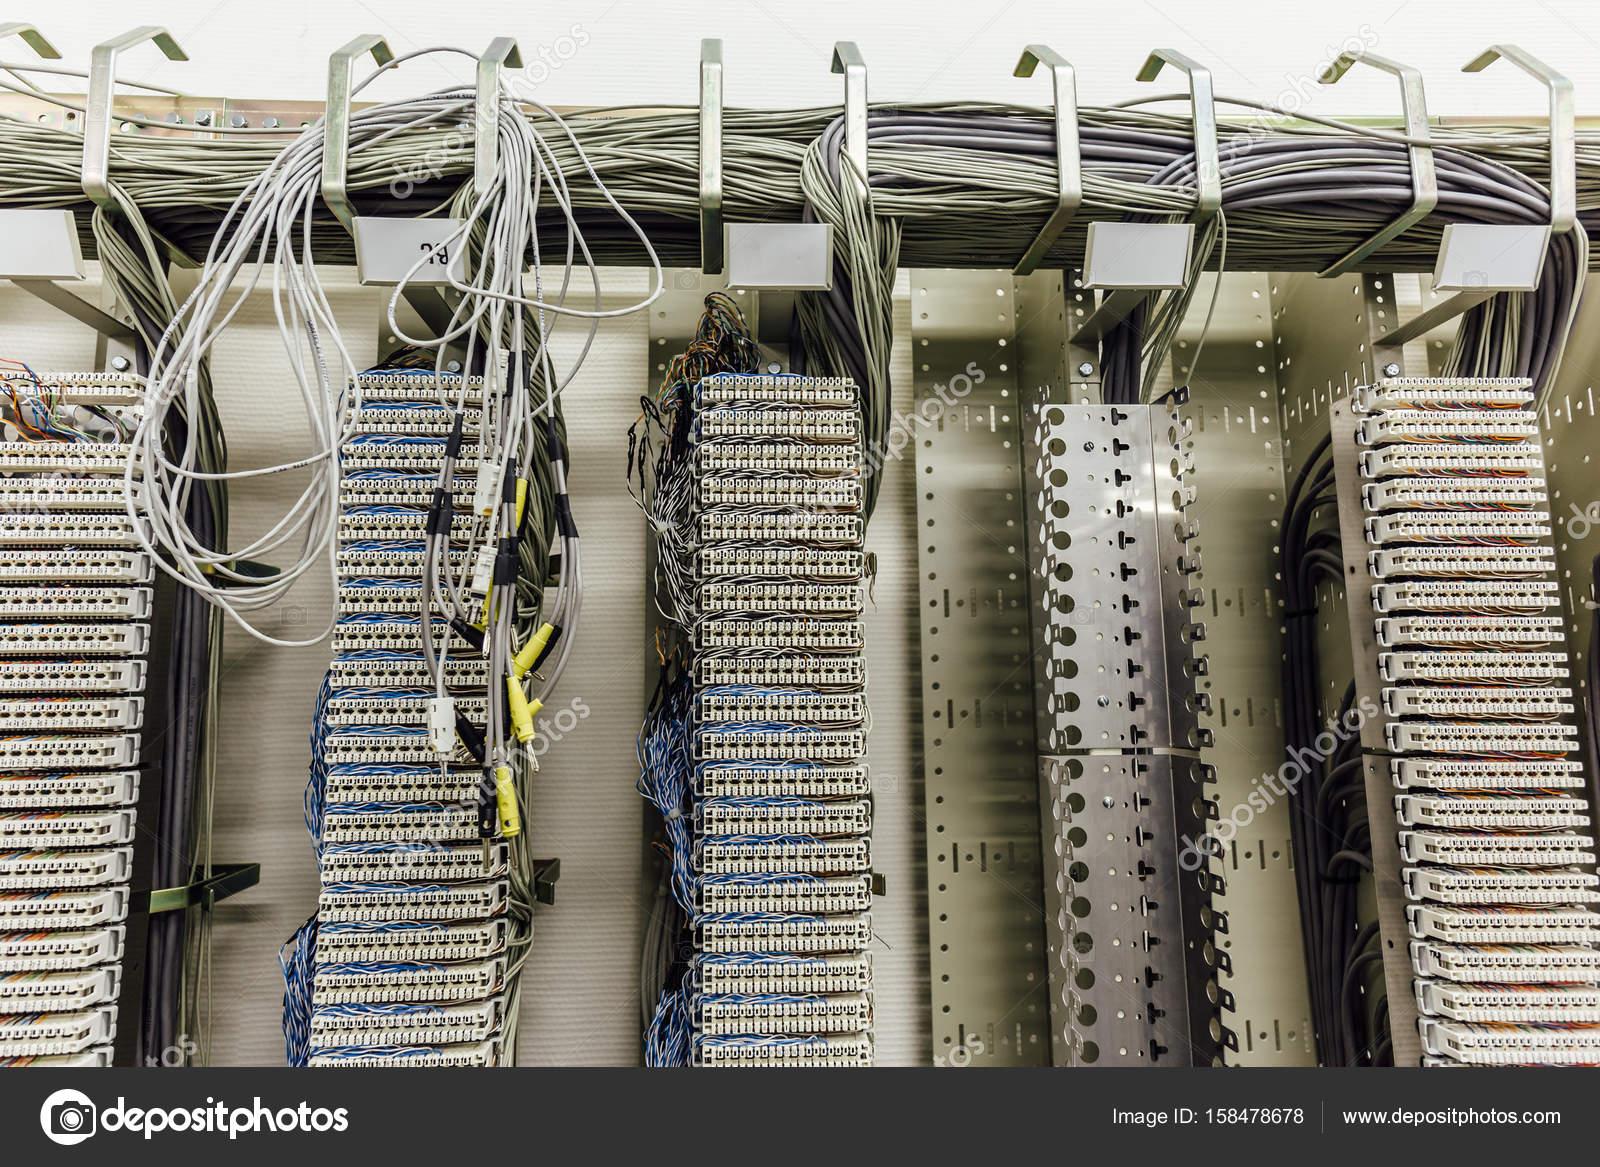 Netzwerkverbindung im Inneren Netzwerk-Server-Raum, Kabel und ...